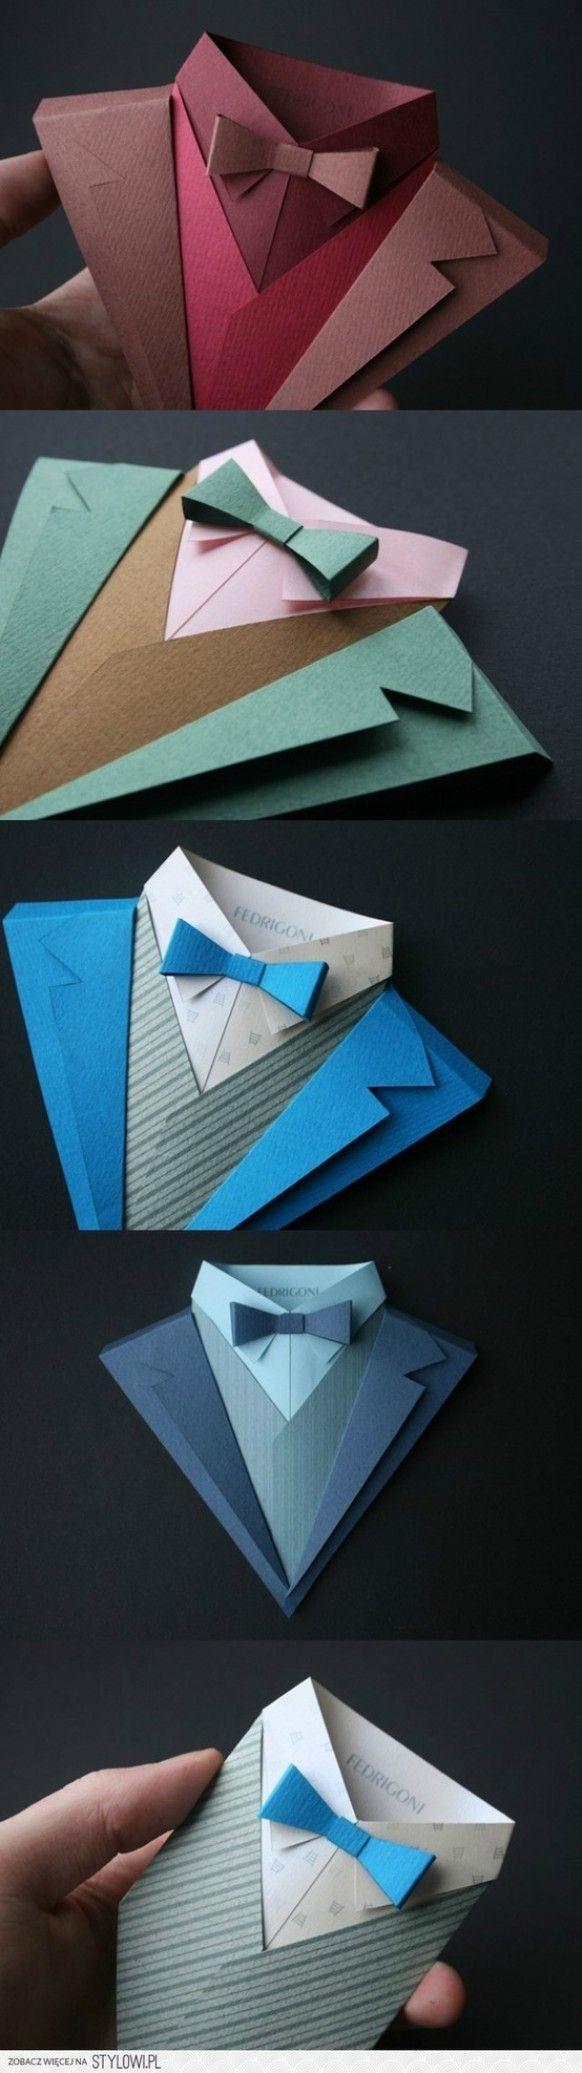 www.weddbook.com everything about wedding ♥ Fedrigoni Paper Artwork by Jonathan Shackleton Creative invitation ideas  #weddbook #wedding #craft